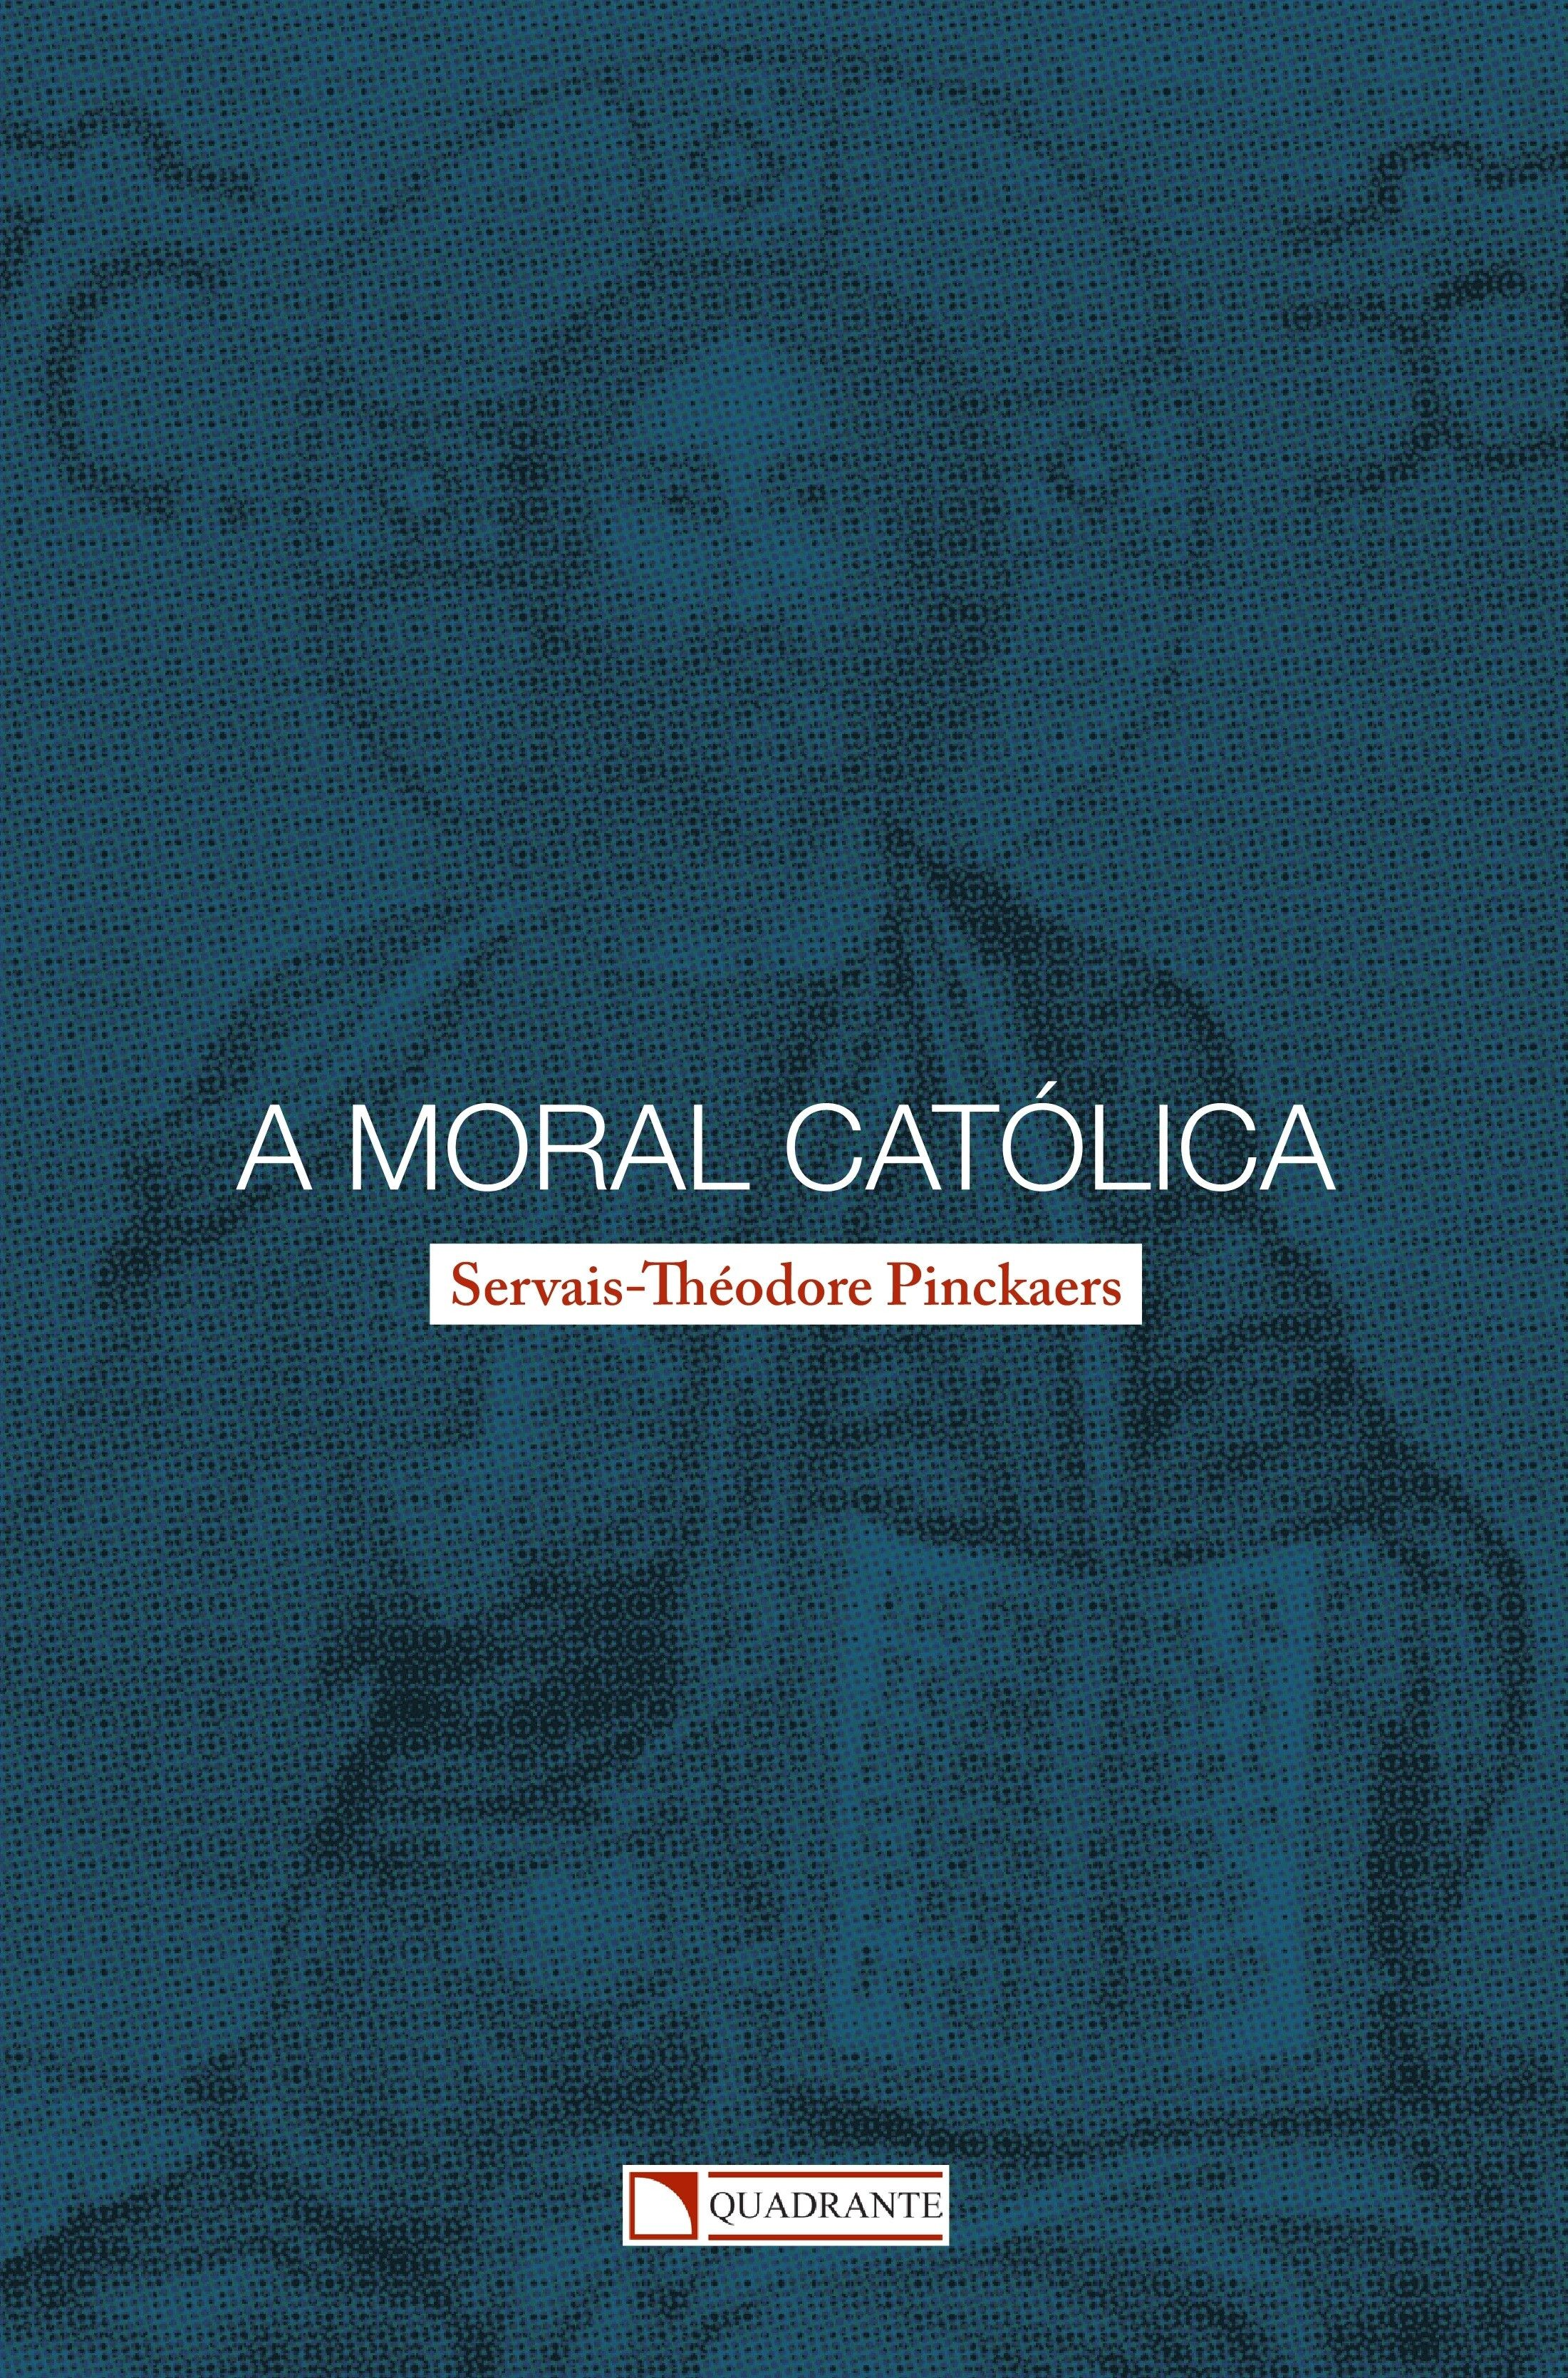 Livro A Moral católica